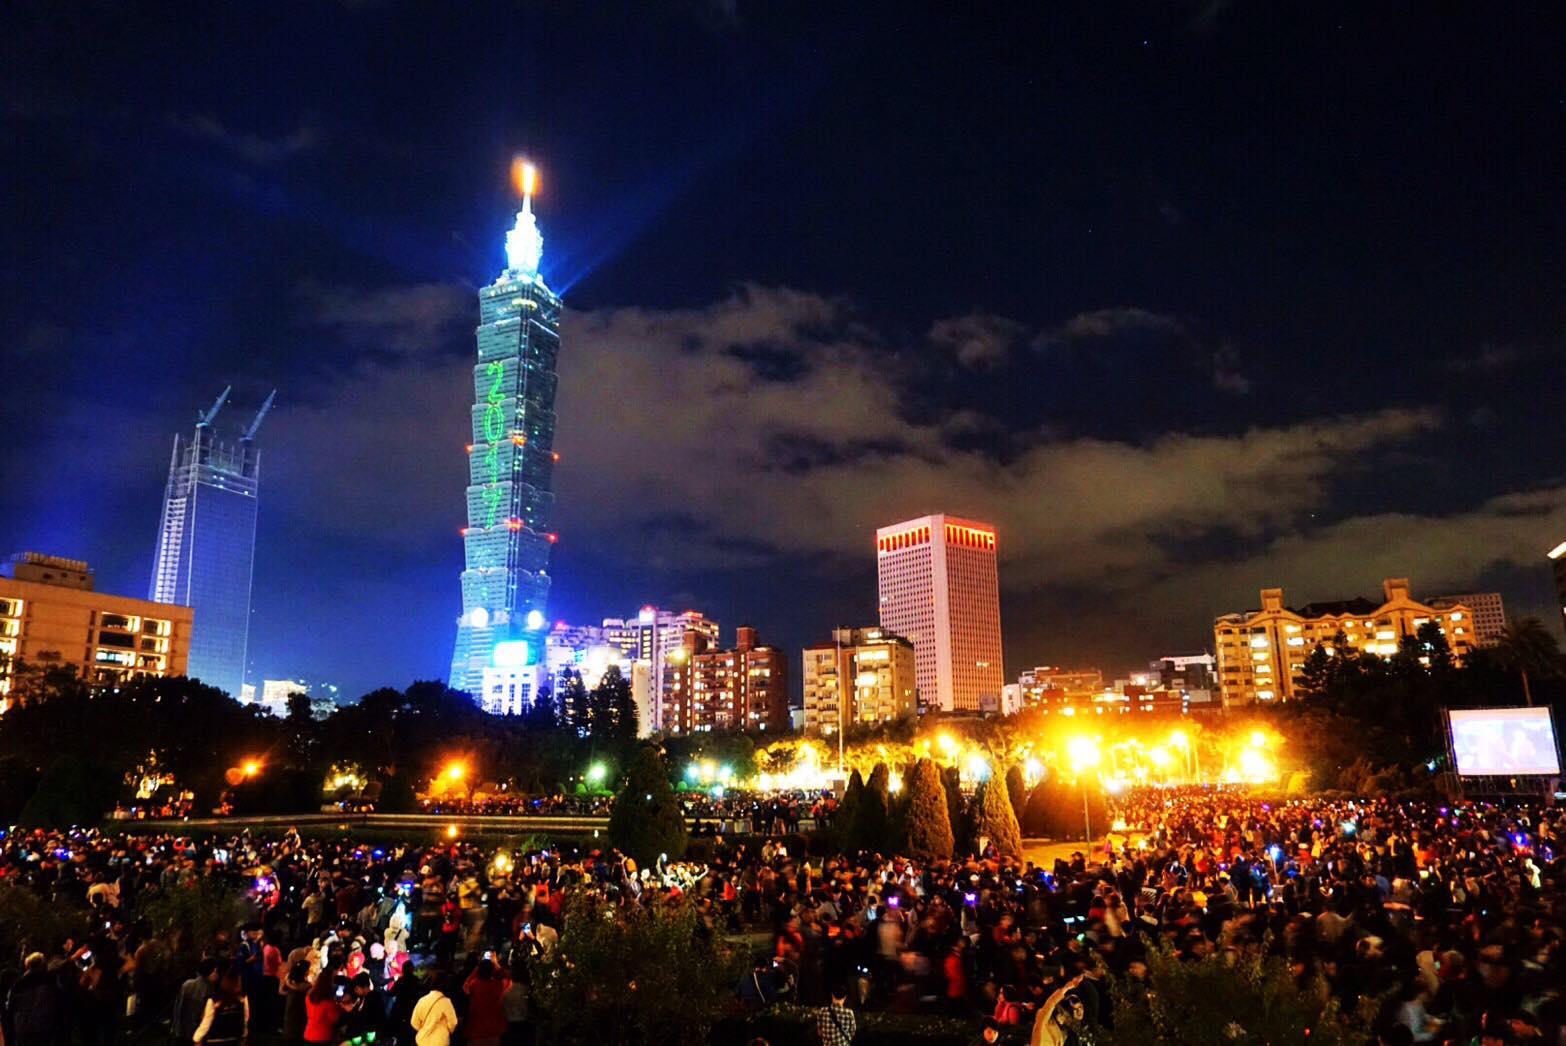 A night view of Taipei 101